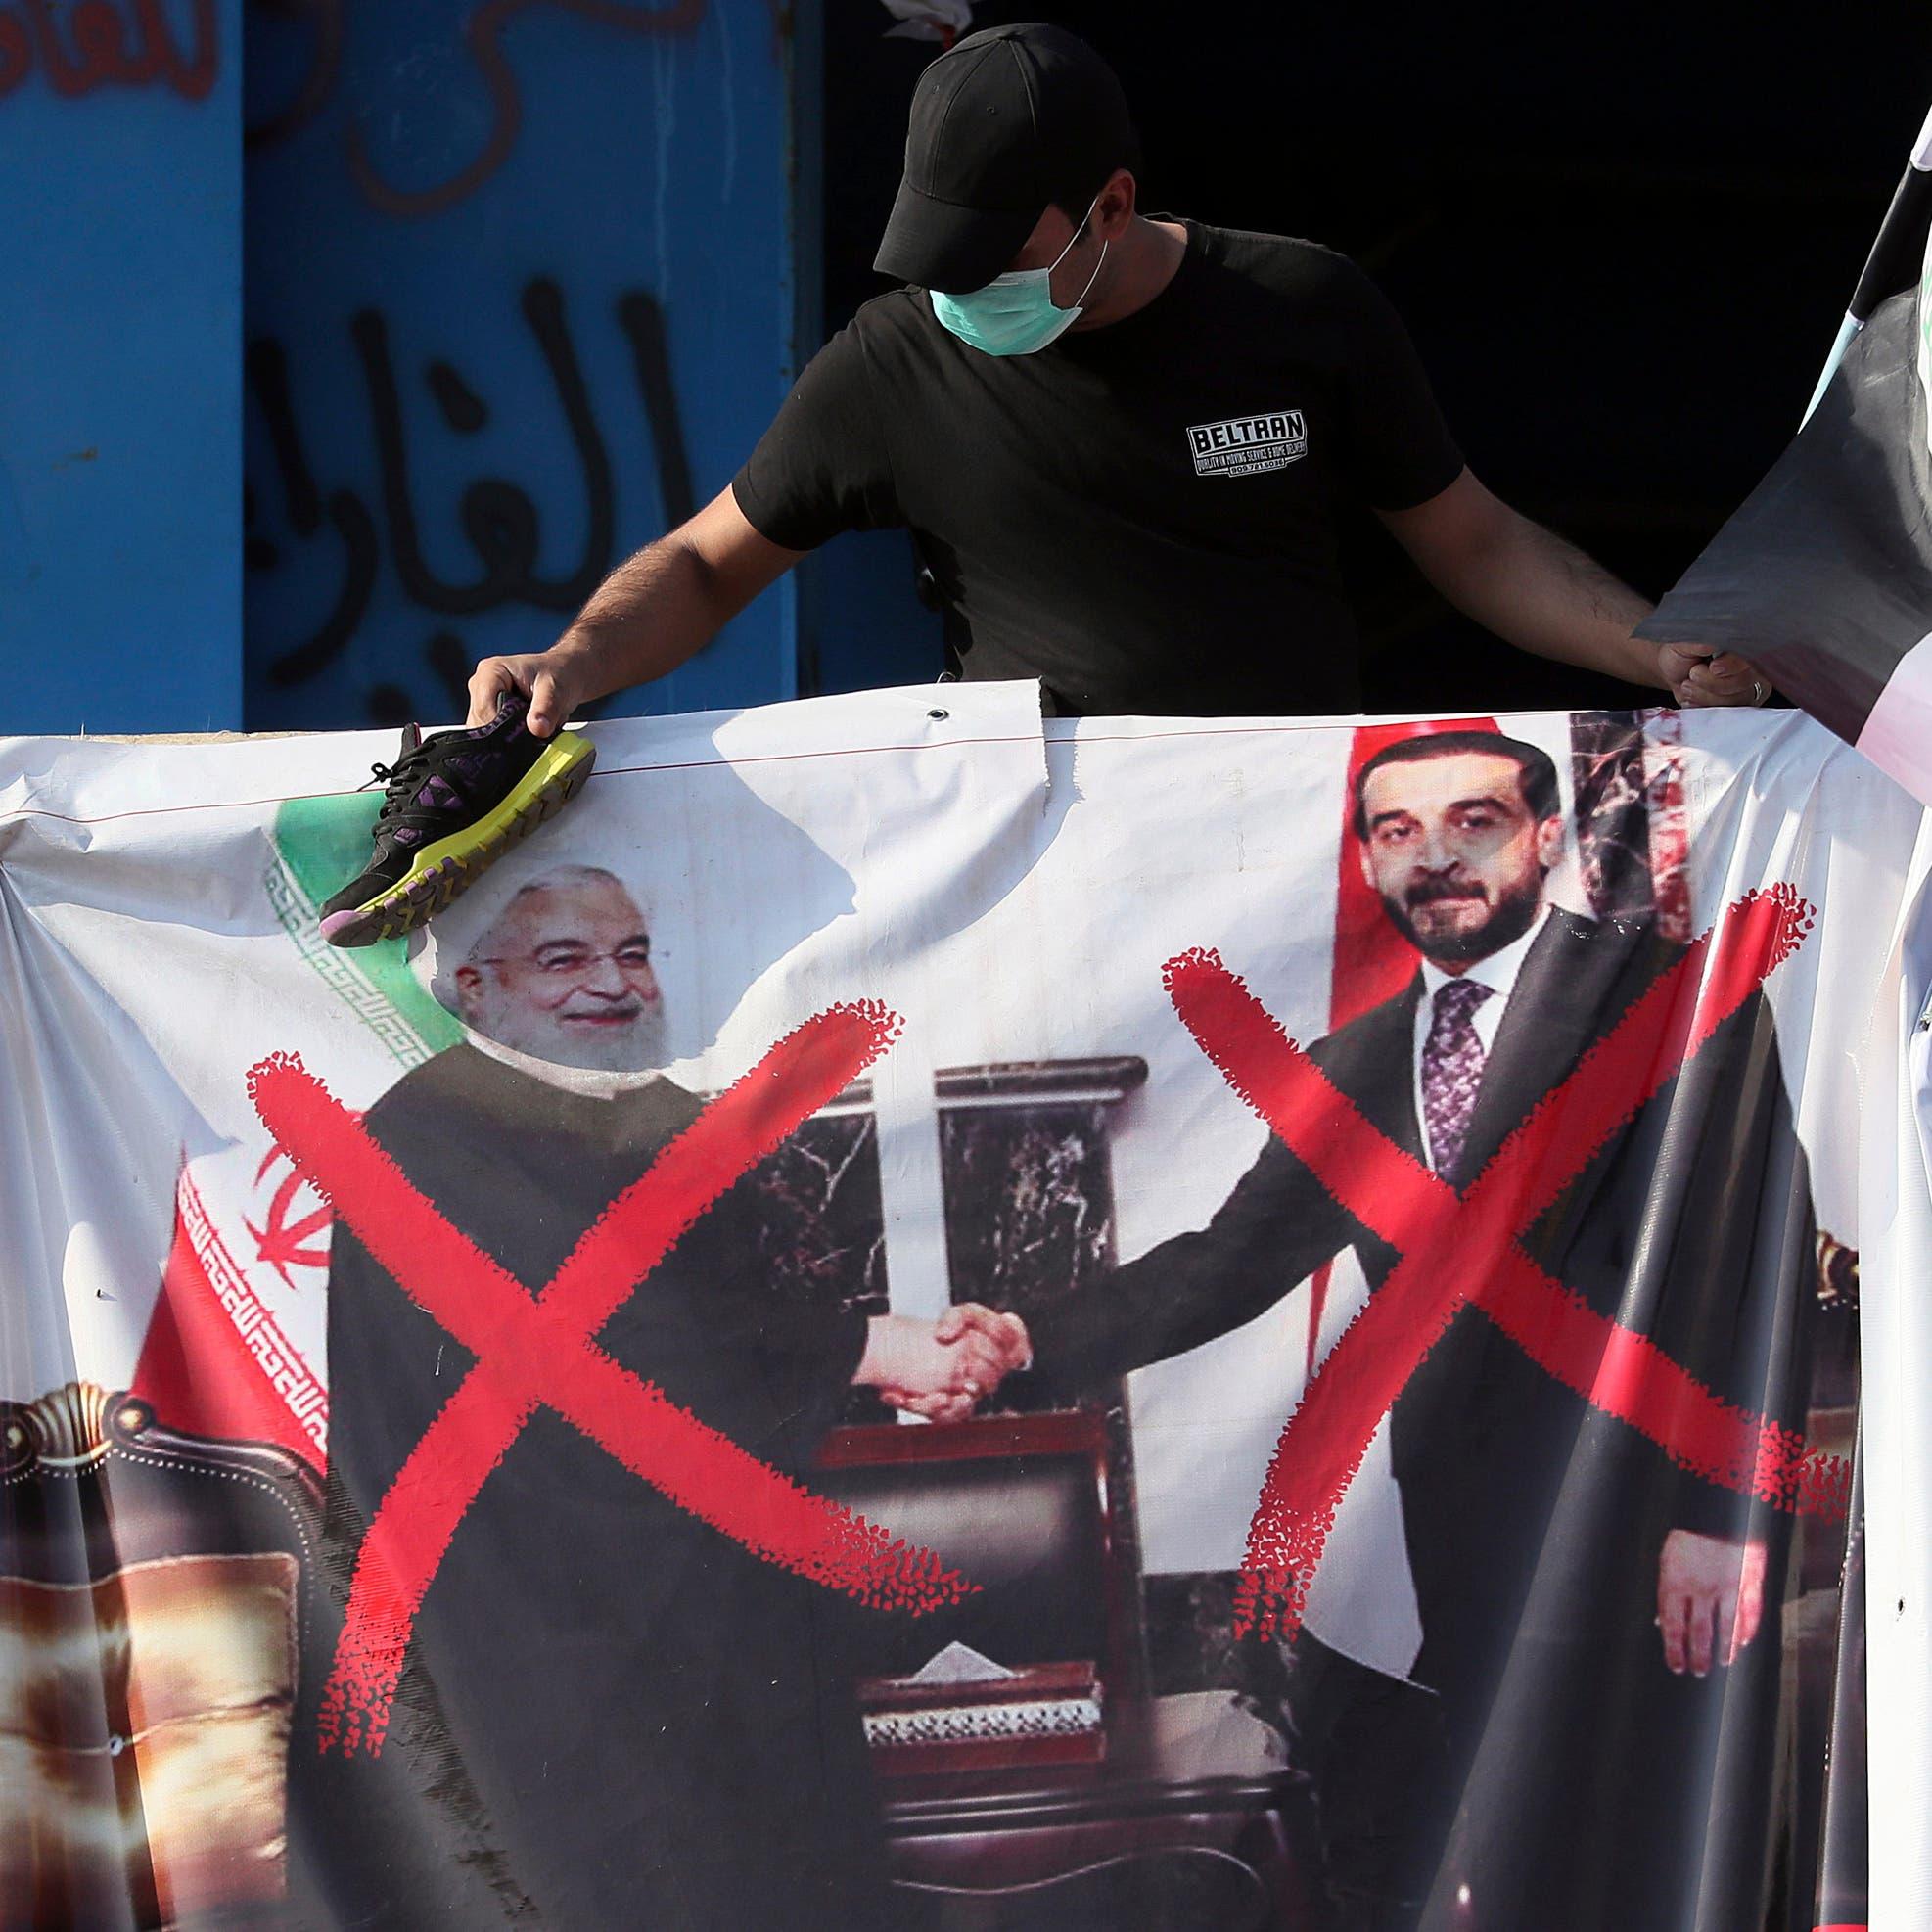 وثائق إيران المسربة تغضب الشارع العراقي ومطالبات بمحاكمة الجواسيس